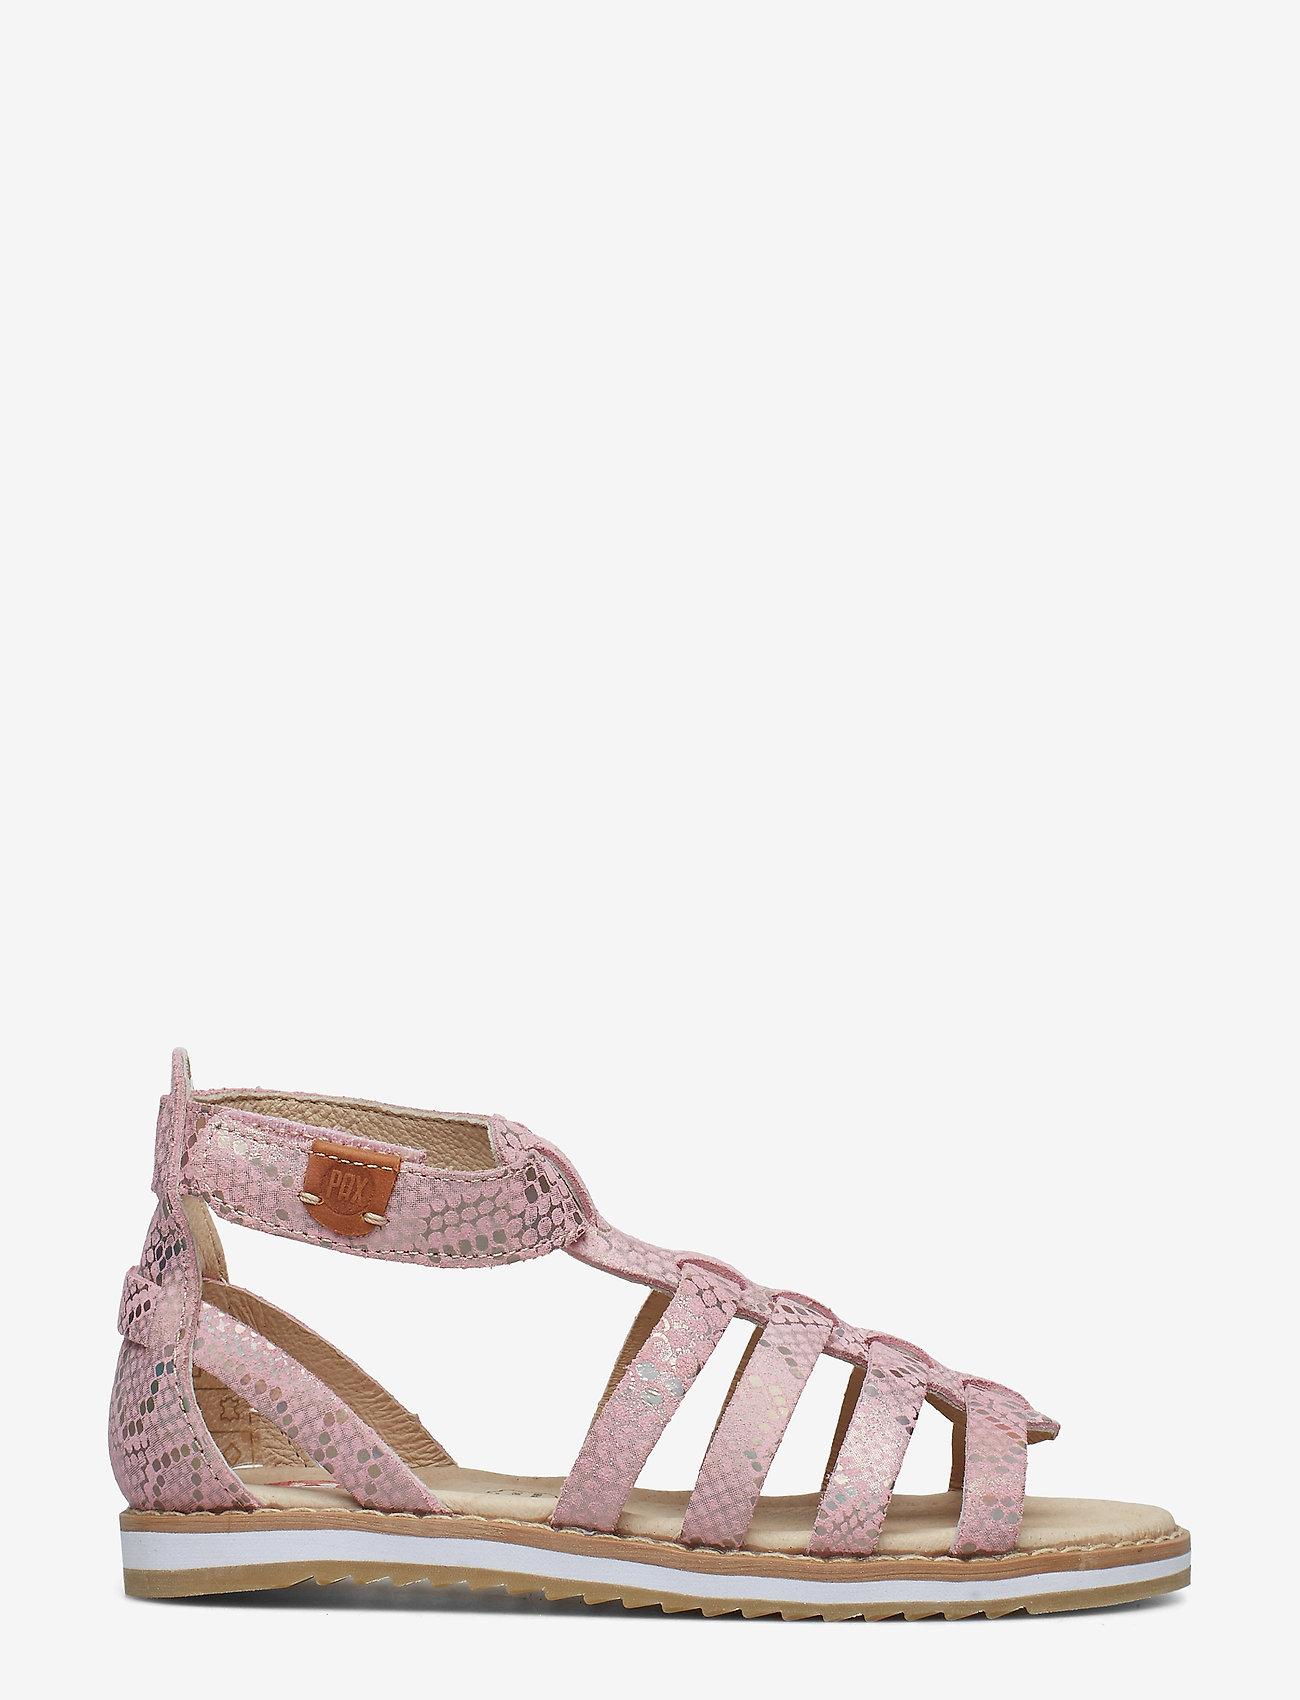 PAX - GUSS - sandalen - pink - 1